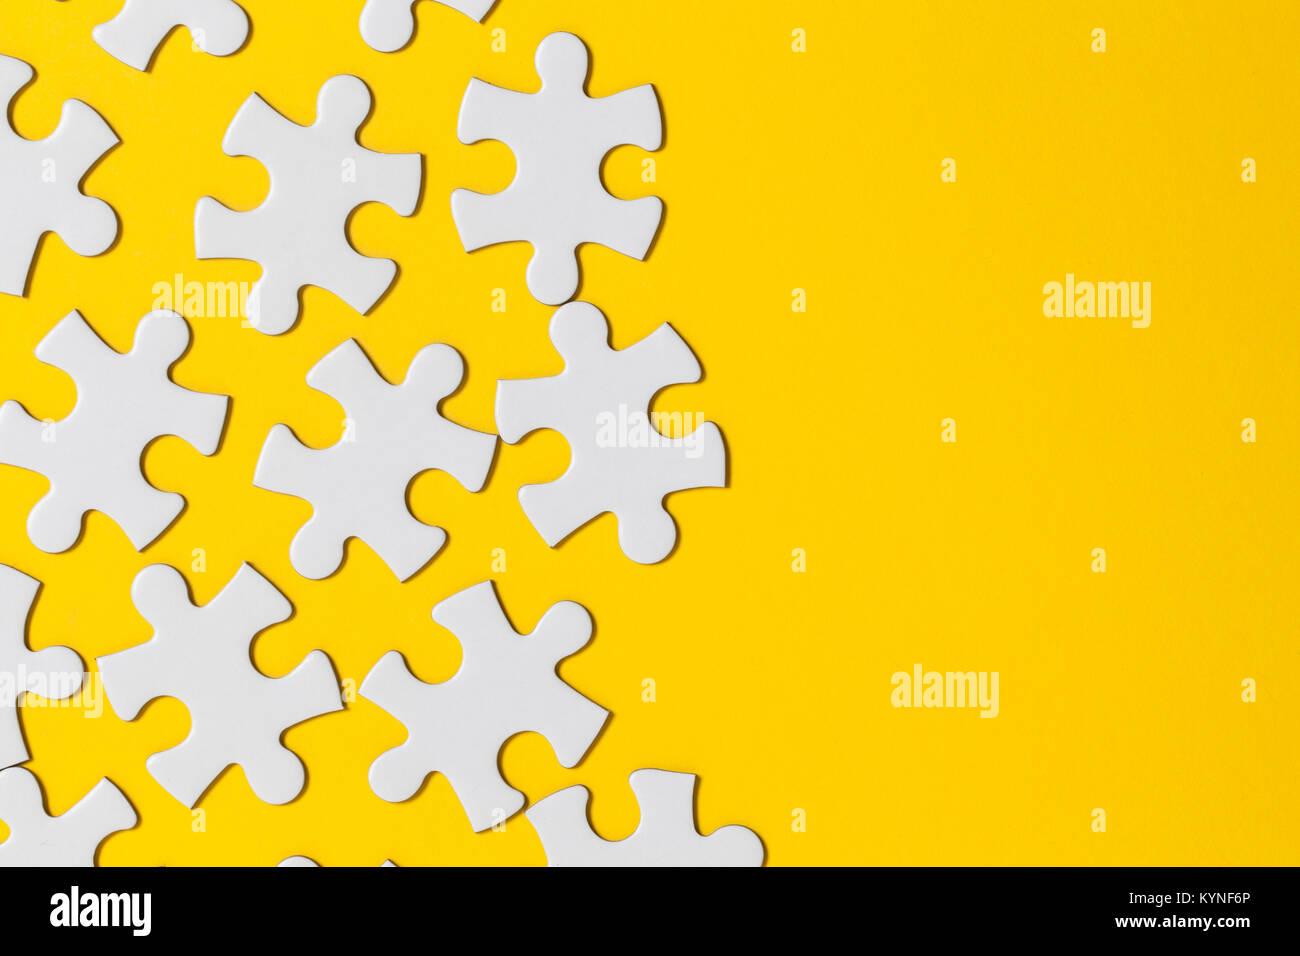 Las piezas de un rompecabezas blanco sobre un fondo amarillo. Concepto de Solución empresarial Imagen De Stock